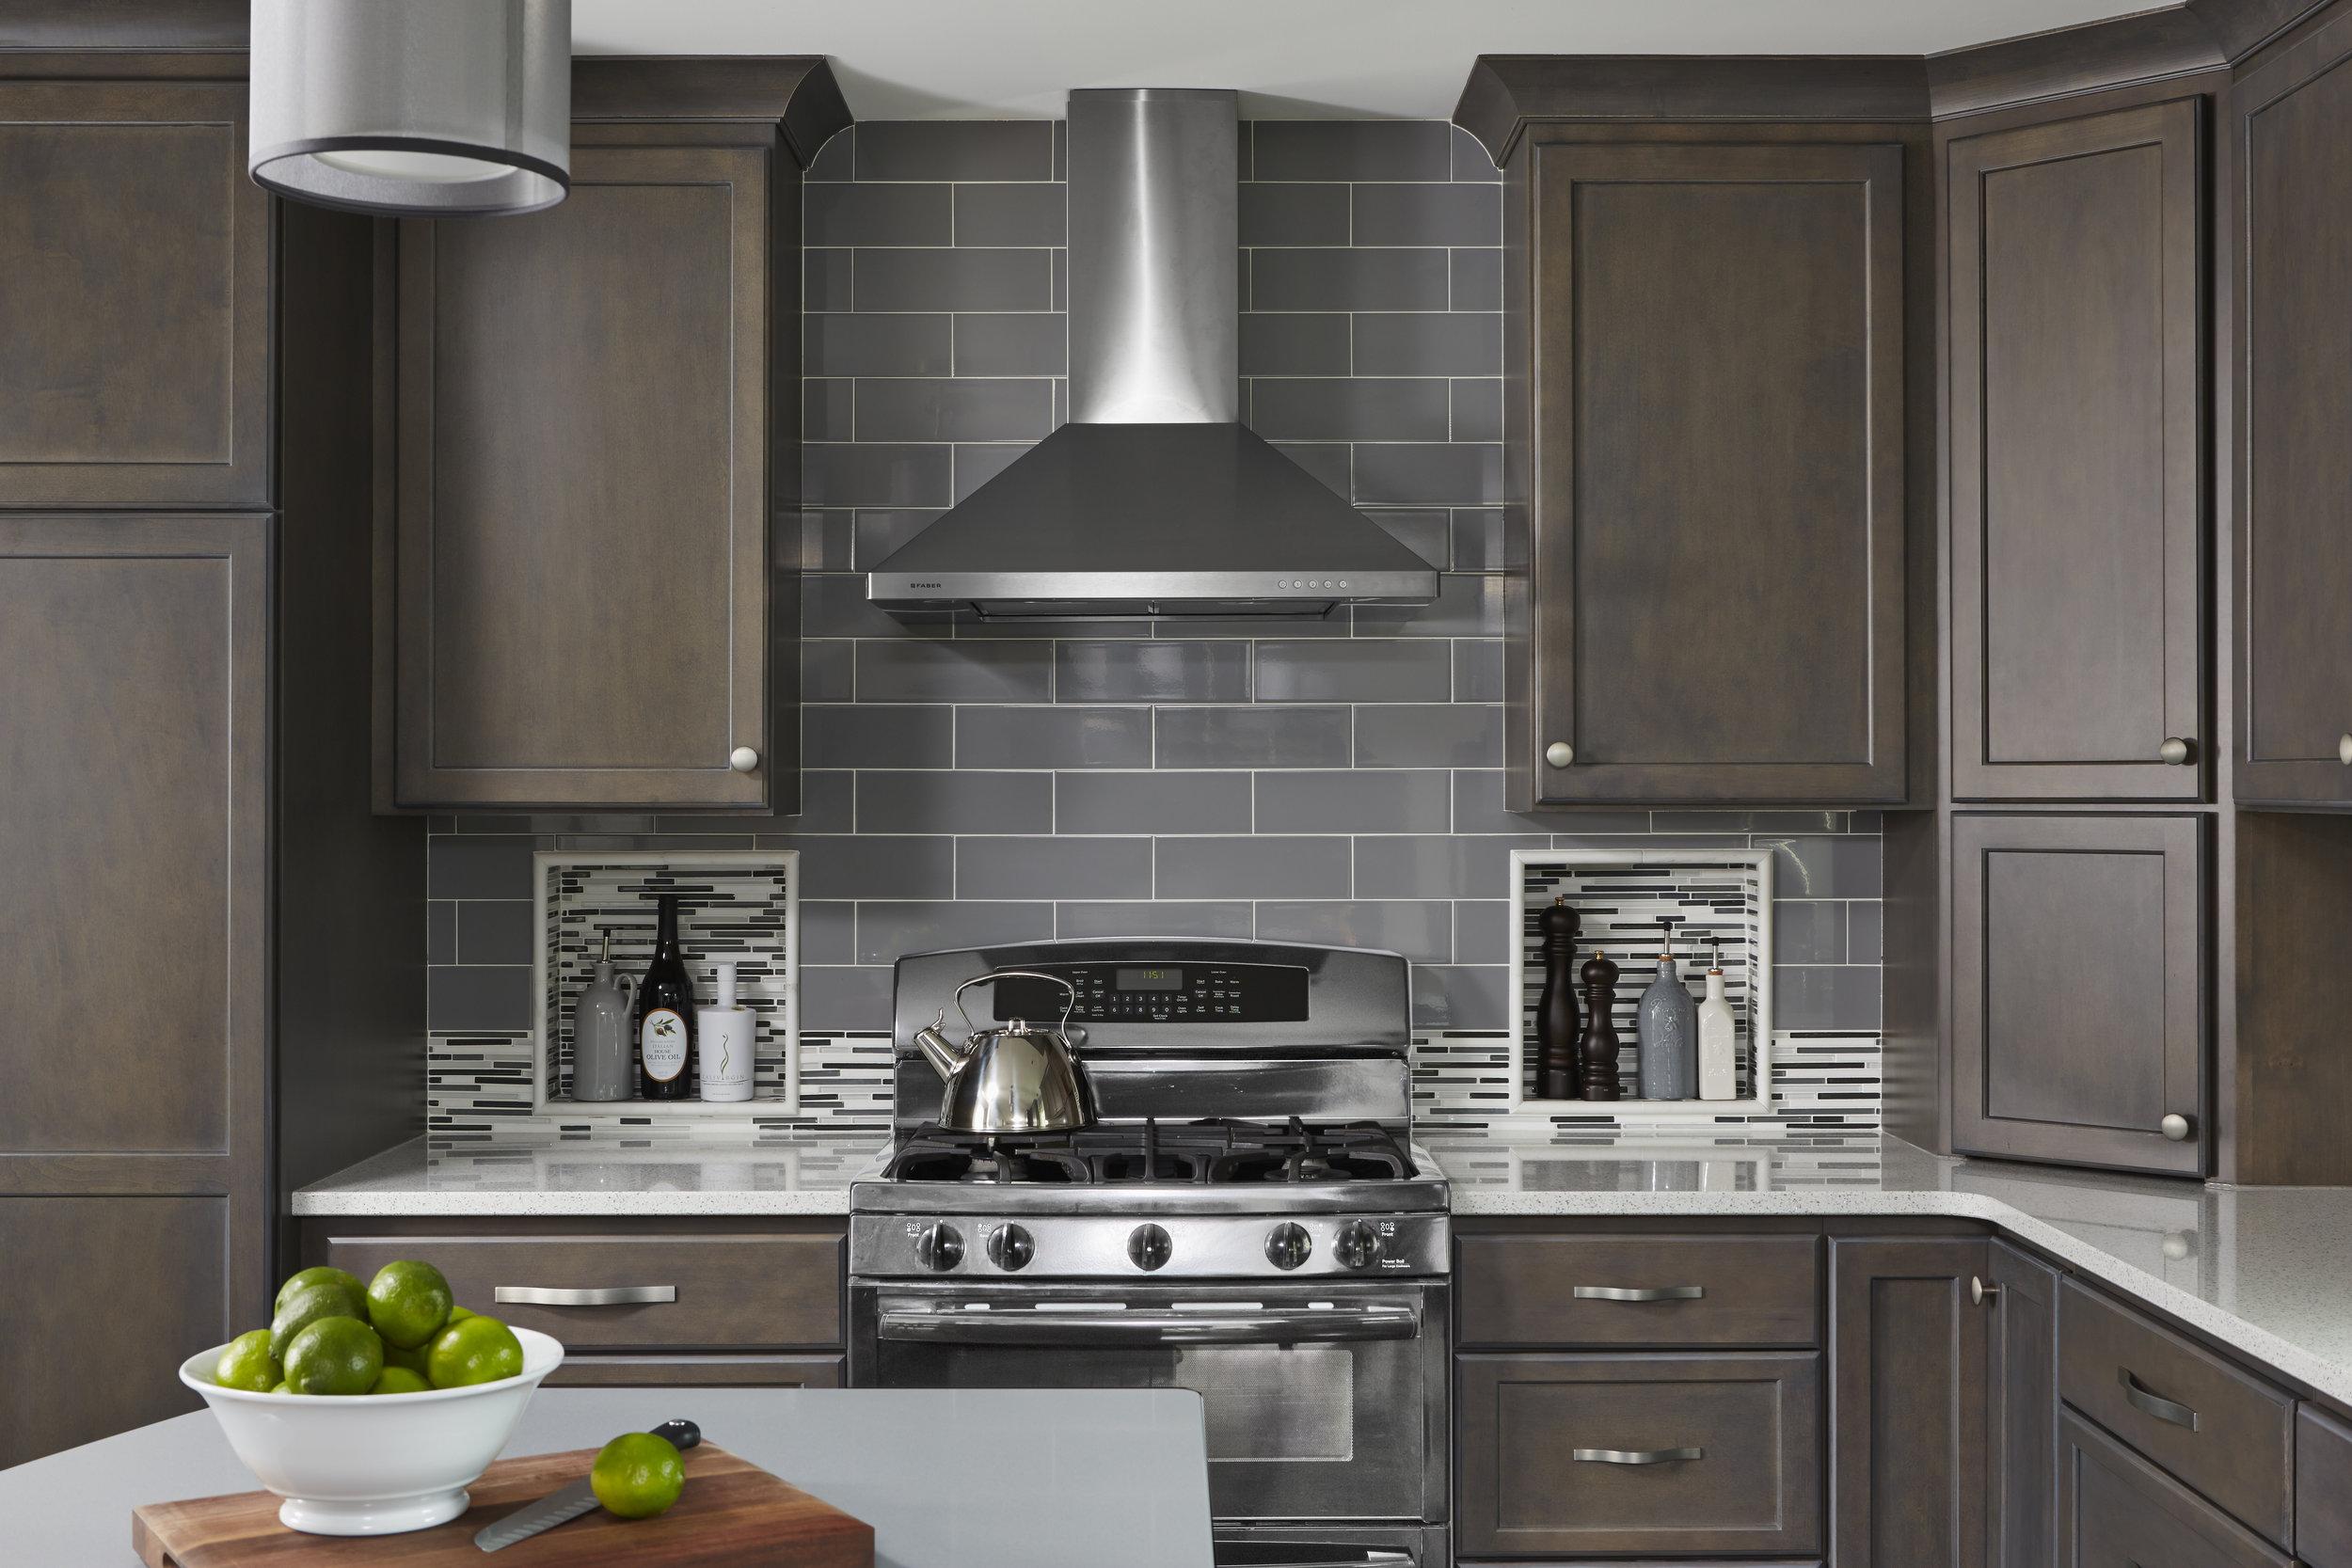 kitchen_v1-gray-tile.jpg